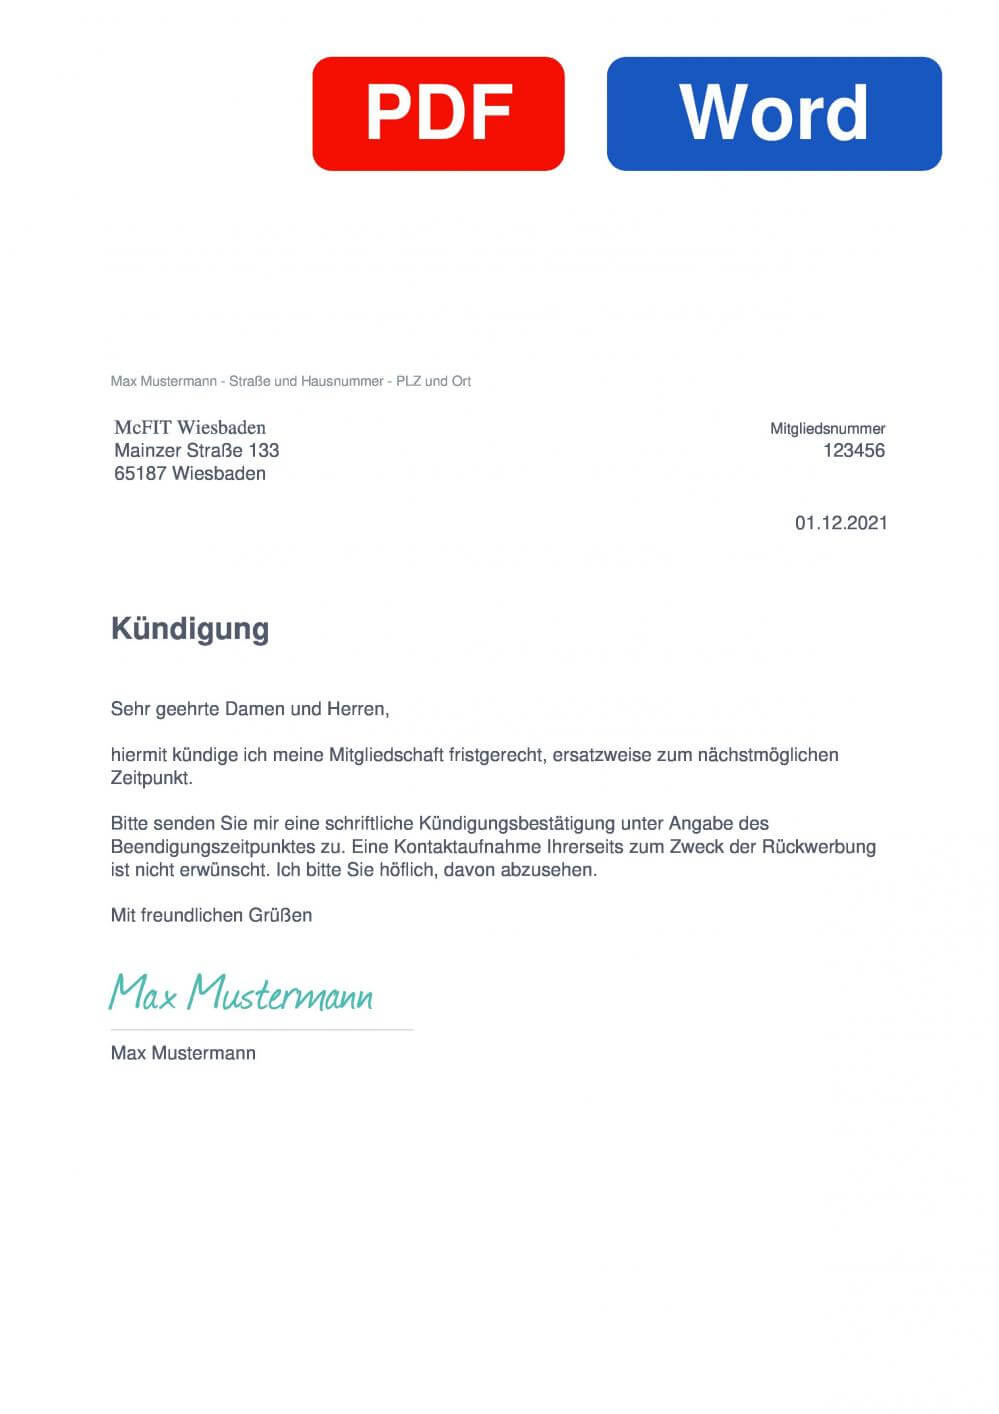 McFIT Wiesbaden Muster Vorlage für Kündigungsschreiben